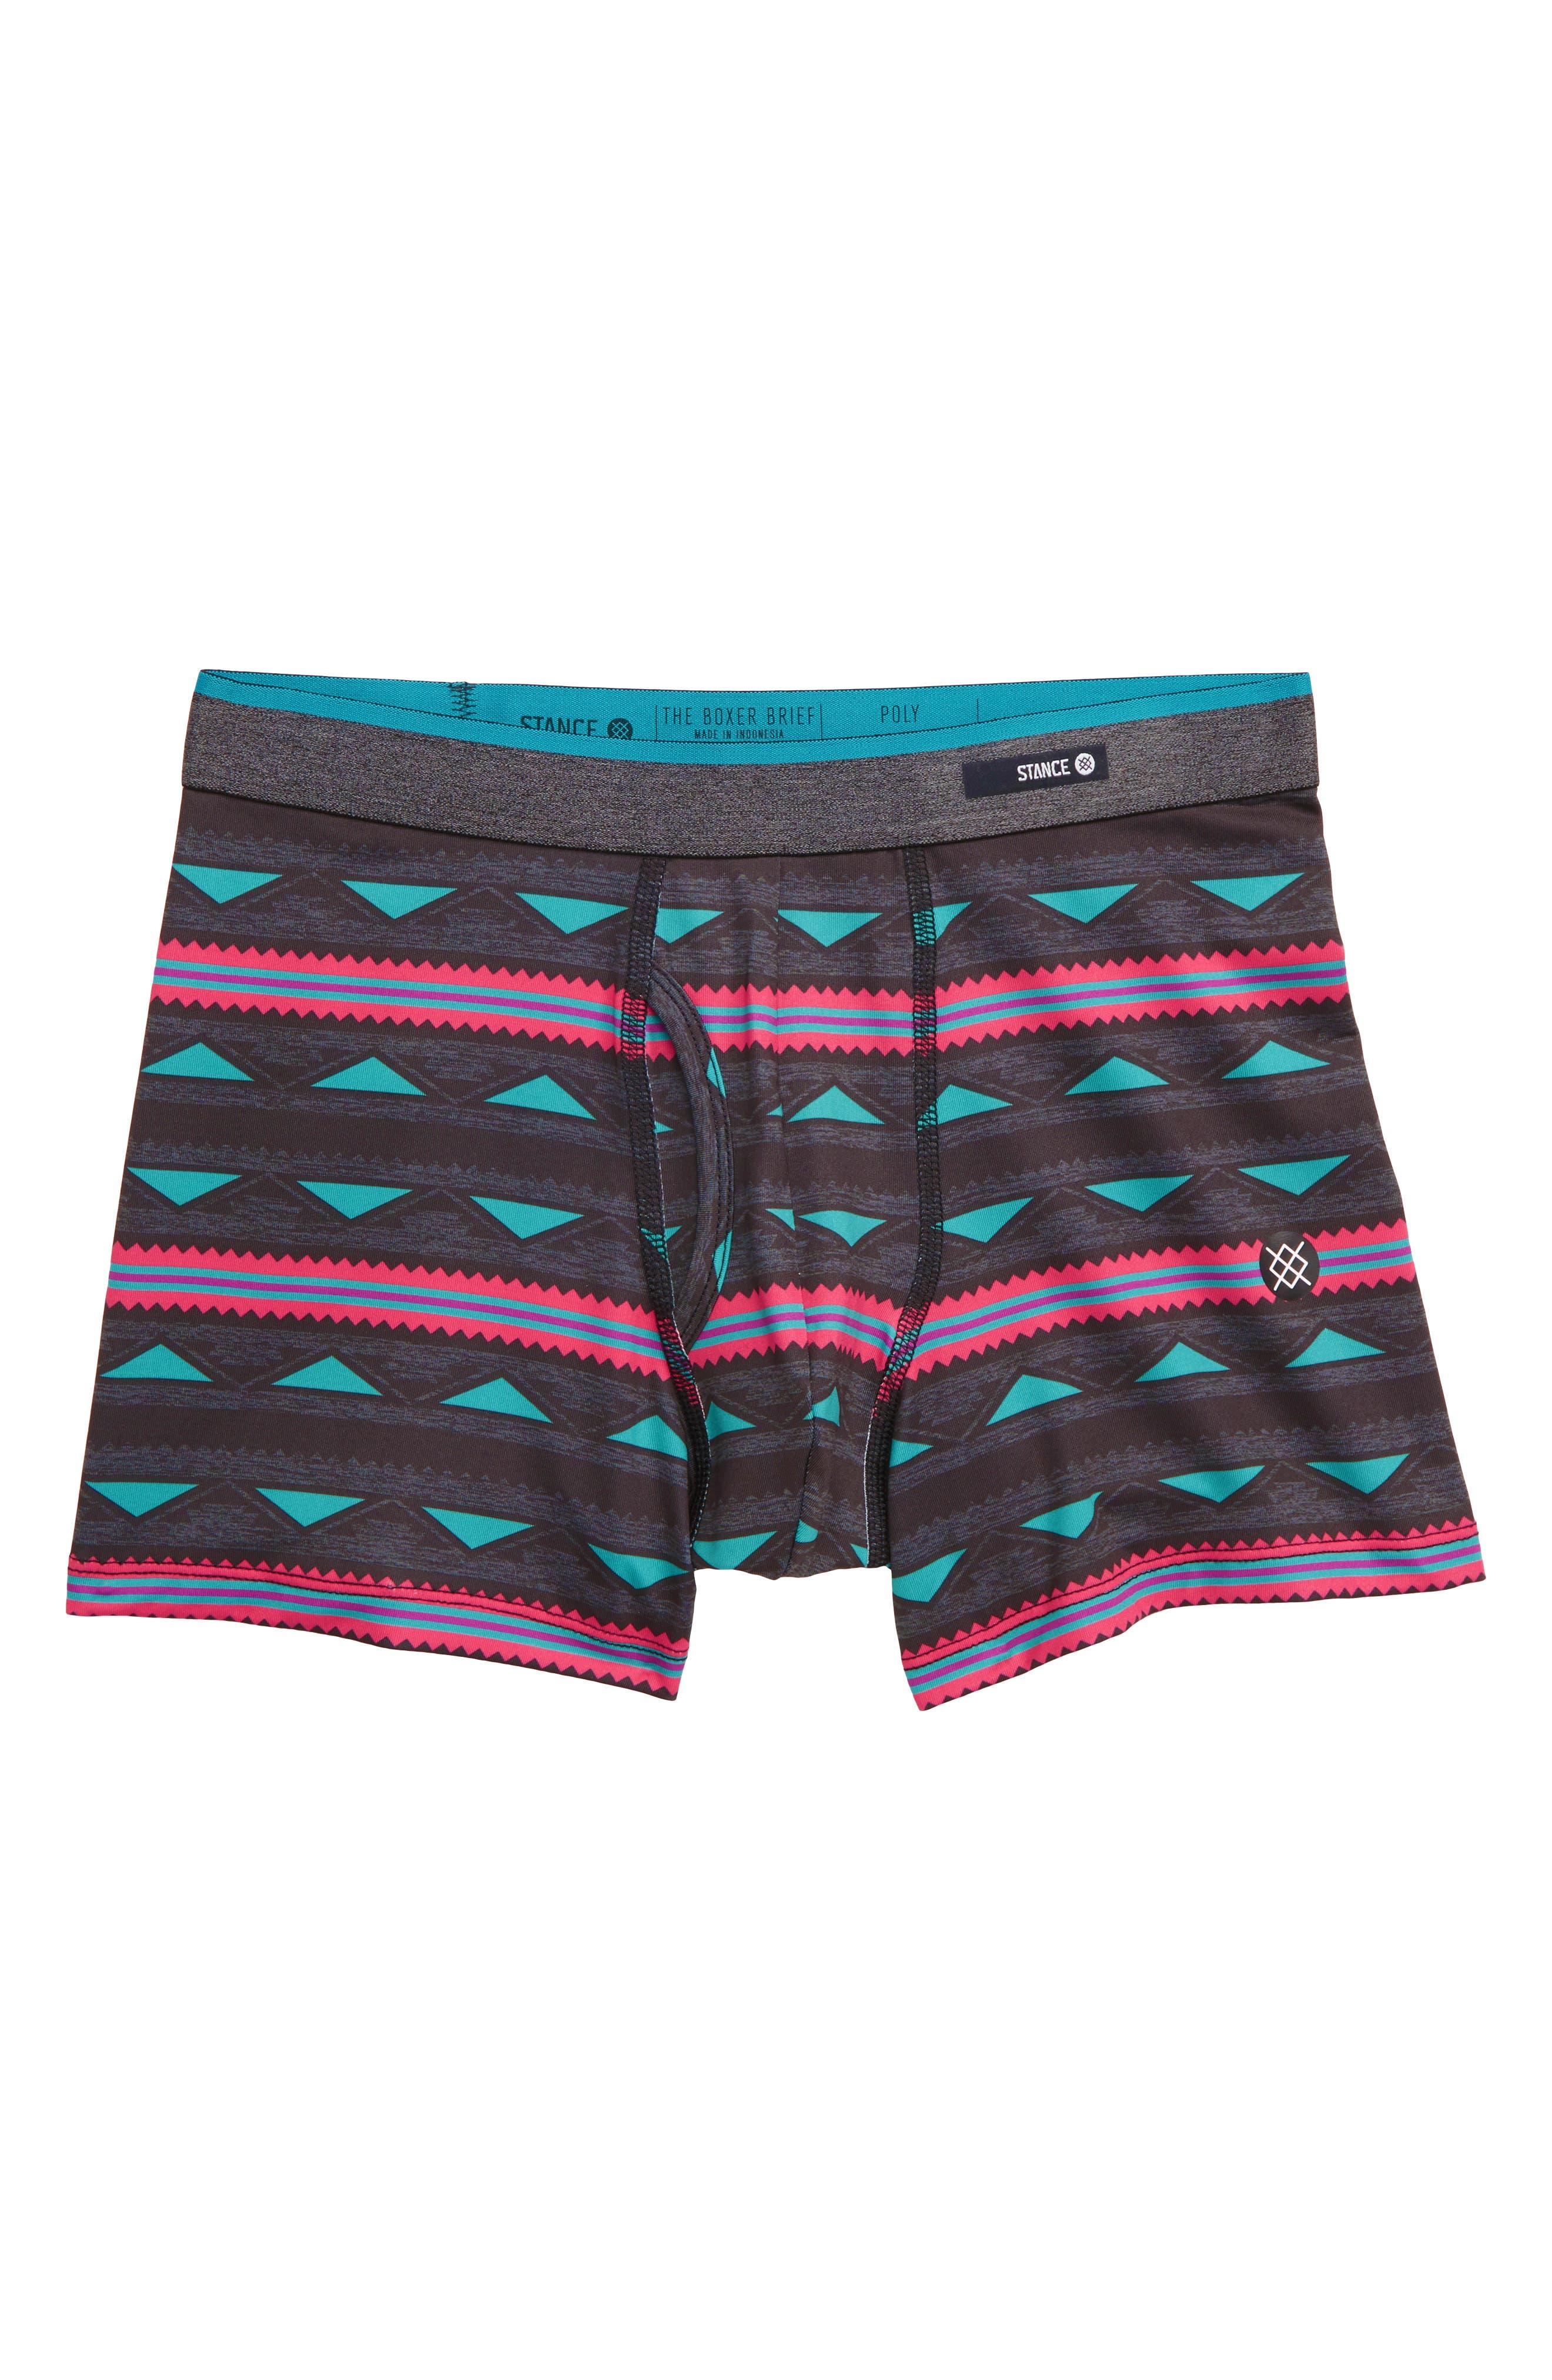 Stance Boys Samara Boxer Brief Underwear